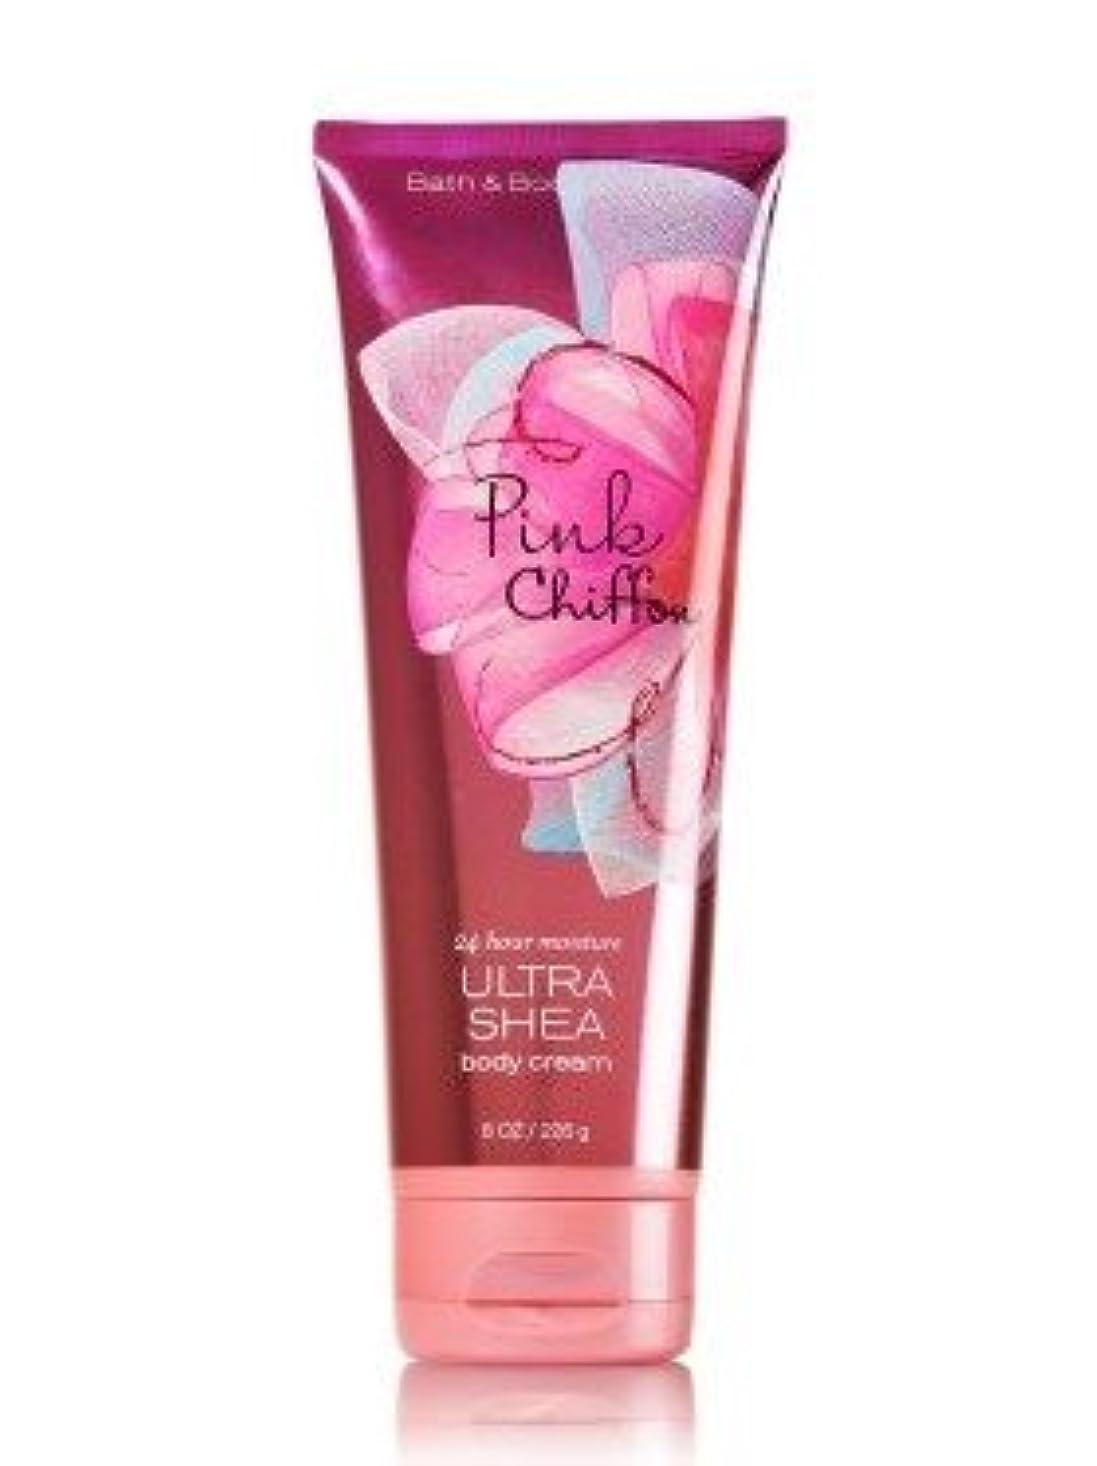 ボア食物余韻【Bath&Body Works/バス&ボディワークス】 ボディクリーム ピンクシフォン Ultra Shea Body Cream Pink Chiffon 8 oz / 226 g [並行輸入品]